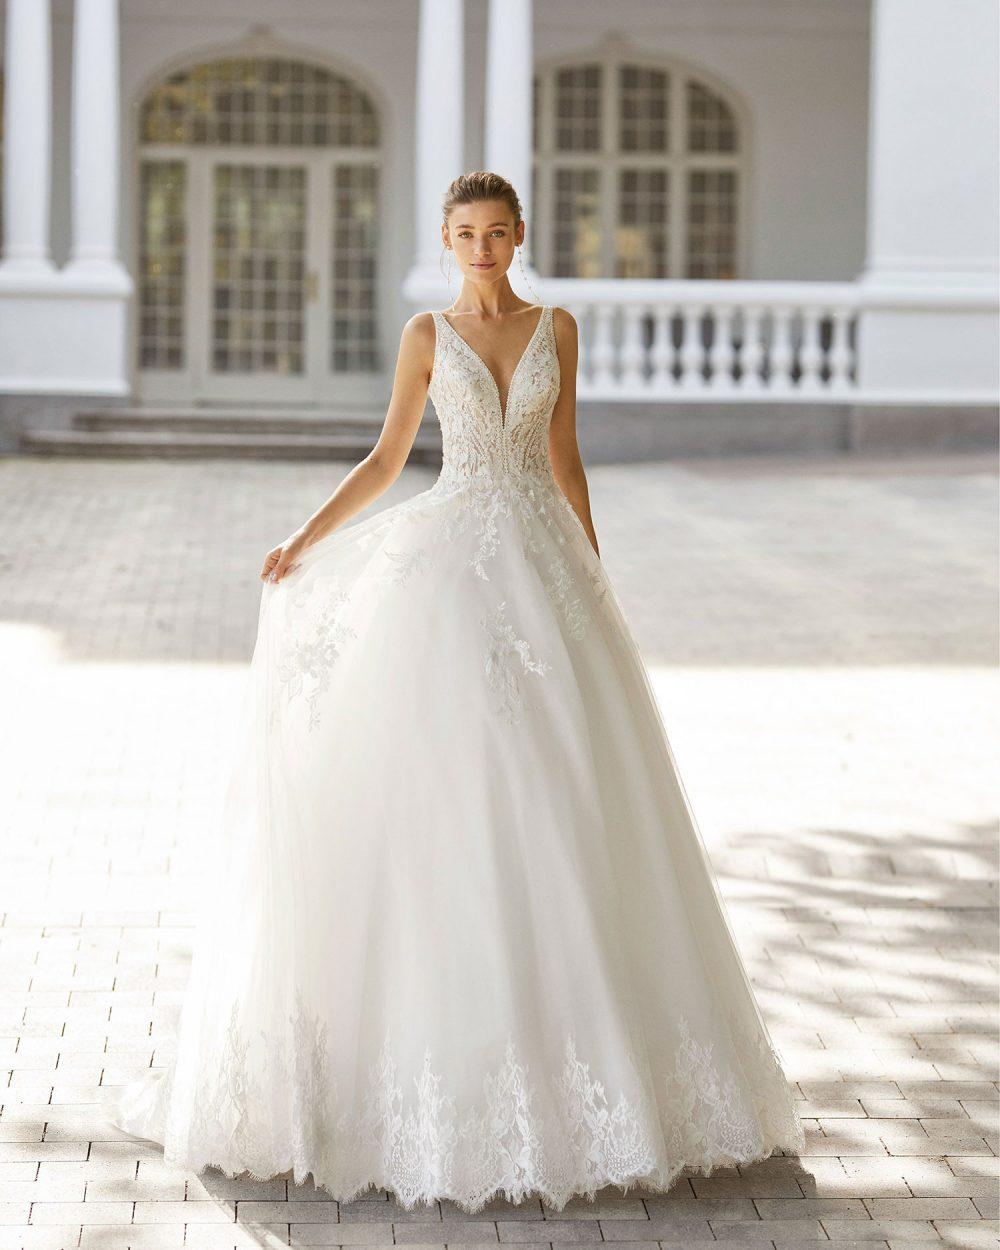 Rosa Clarà 2022 abito vestito sposa Vicenza SINTRA